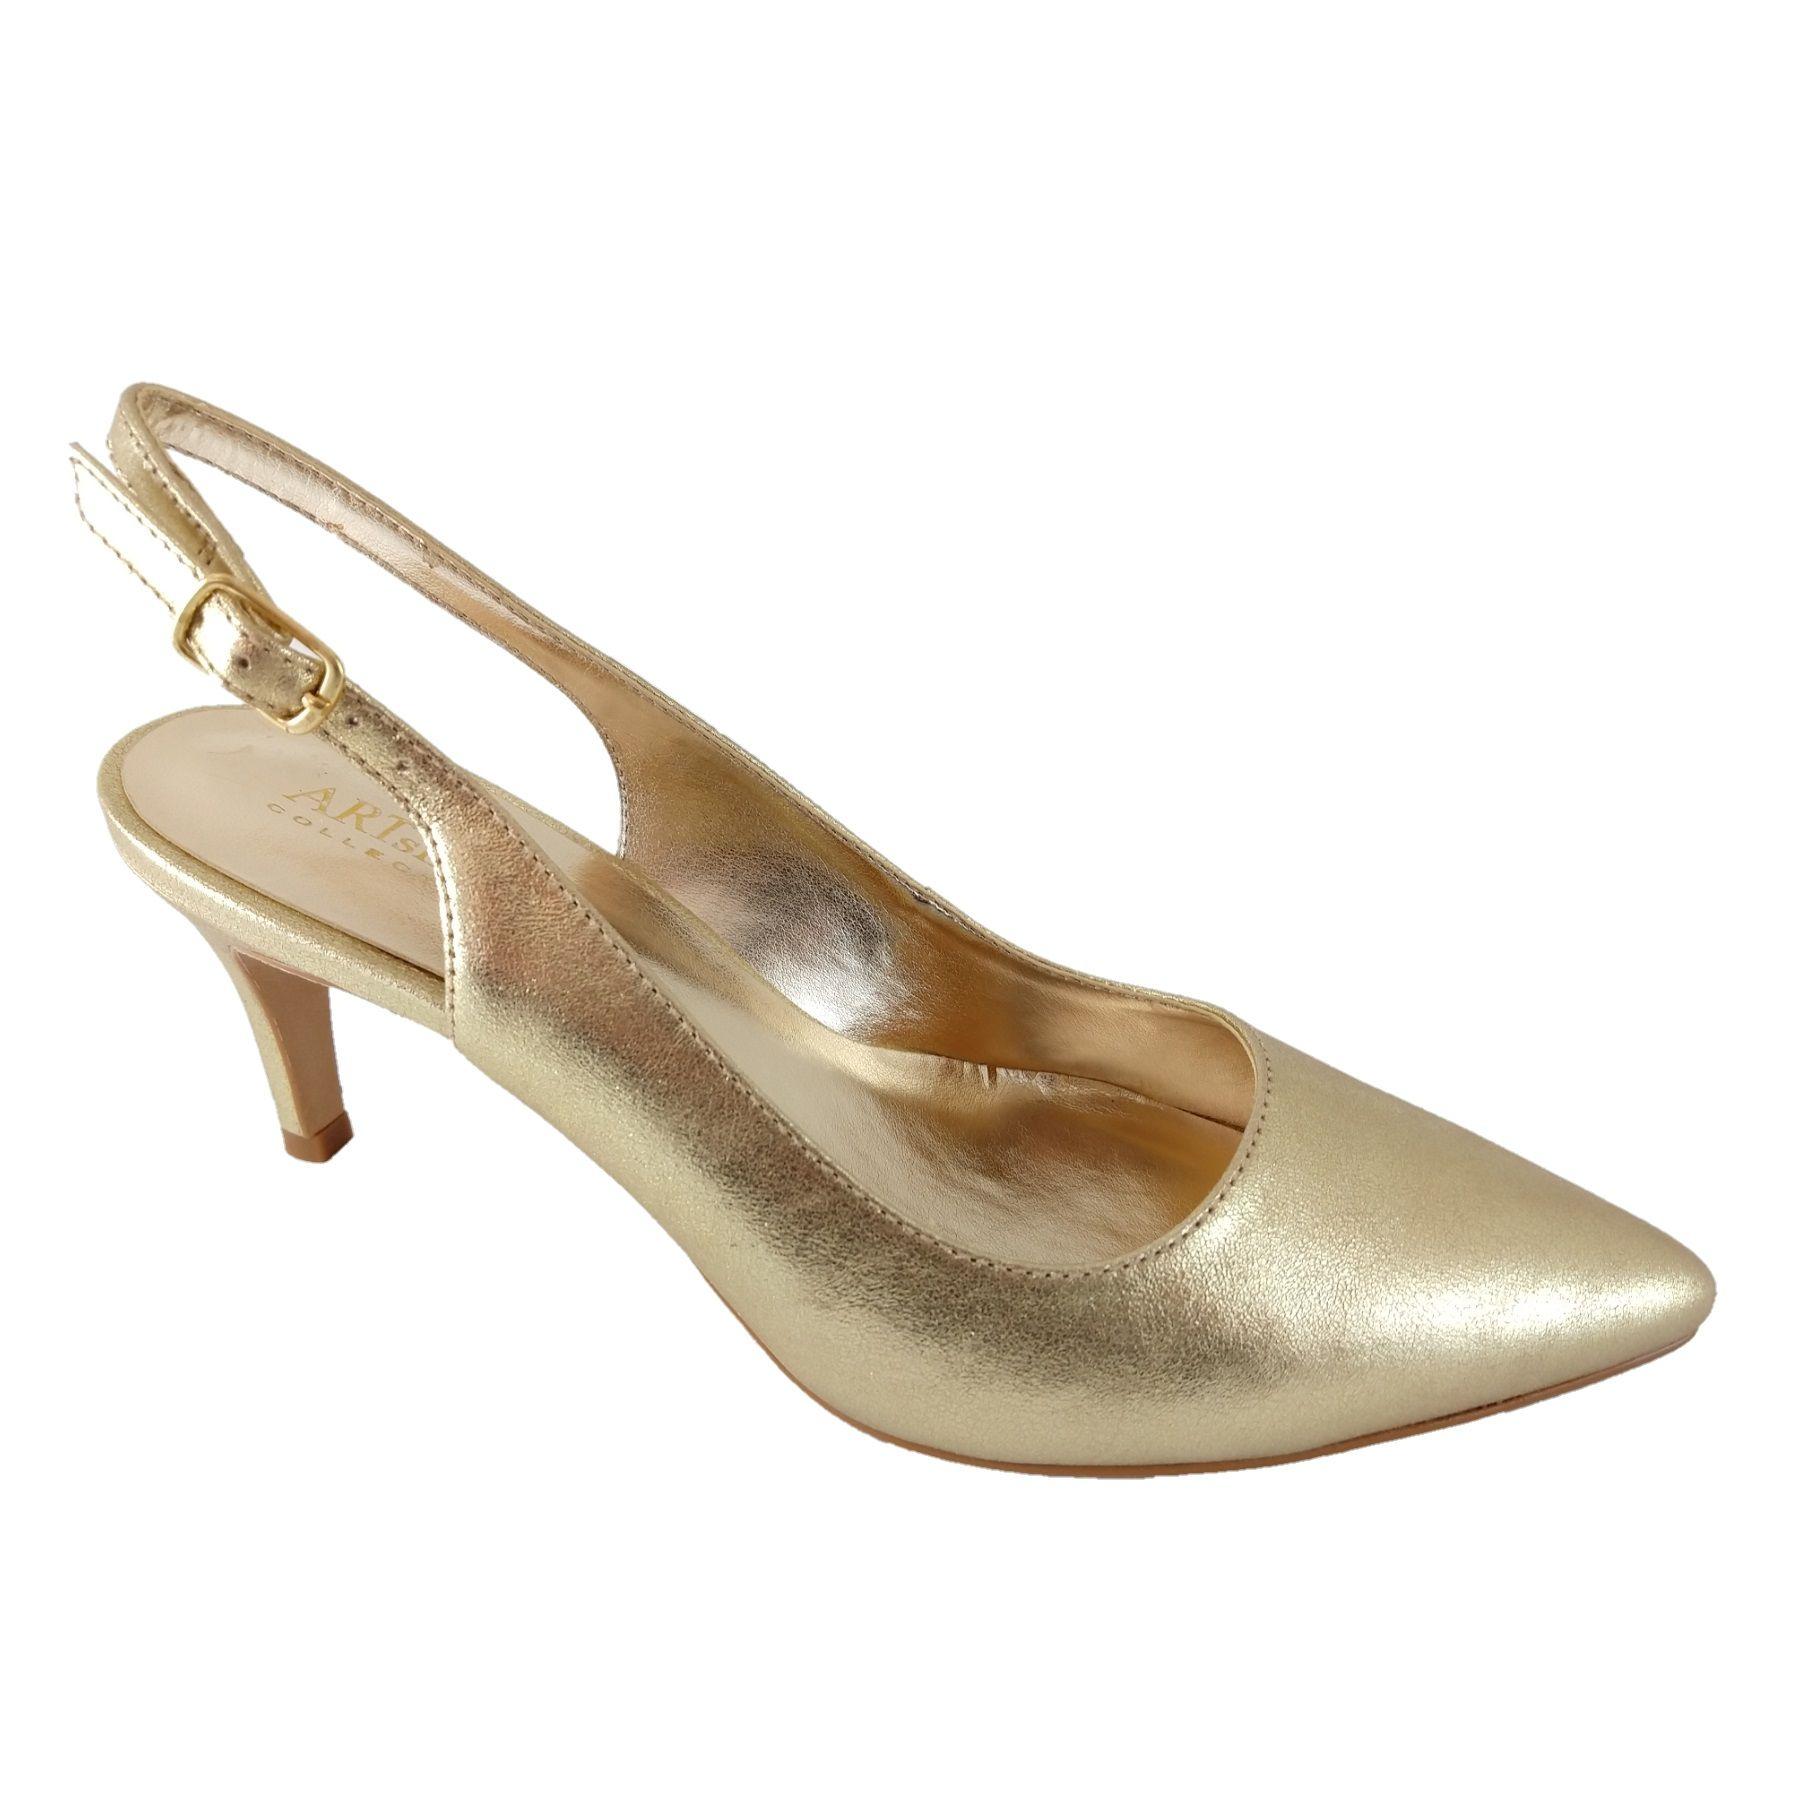 Scarpin Chanel SapatoWeb Couro Ouro  - SAPATOWEB.COM